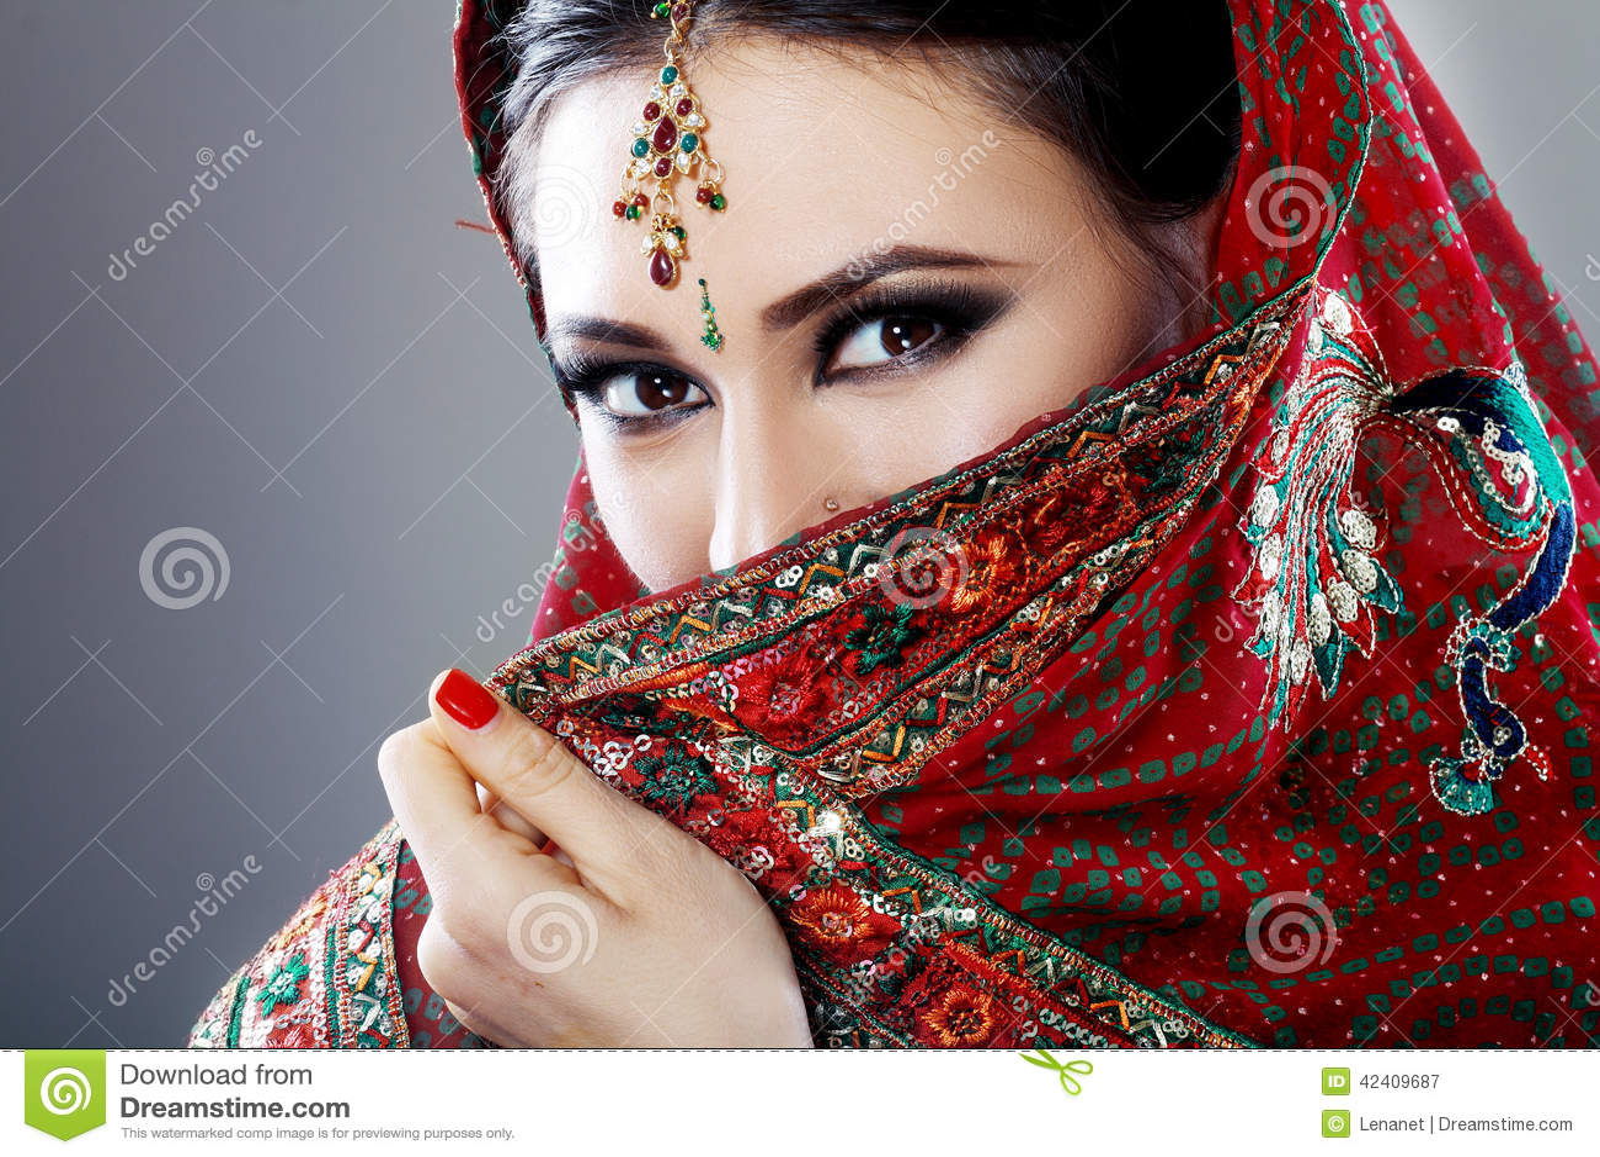 Индийская красотка